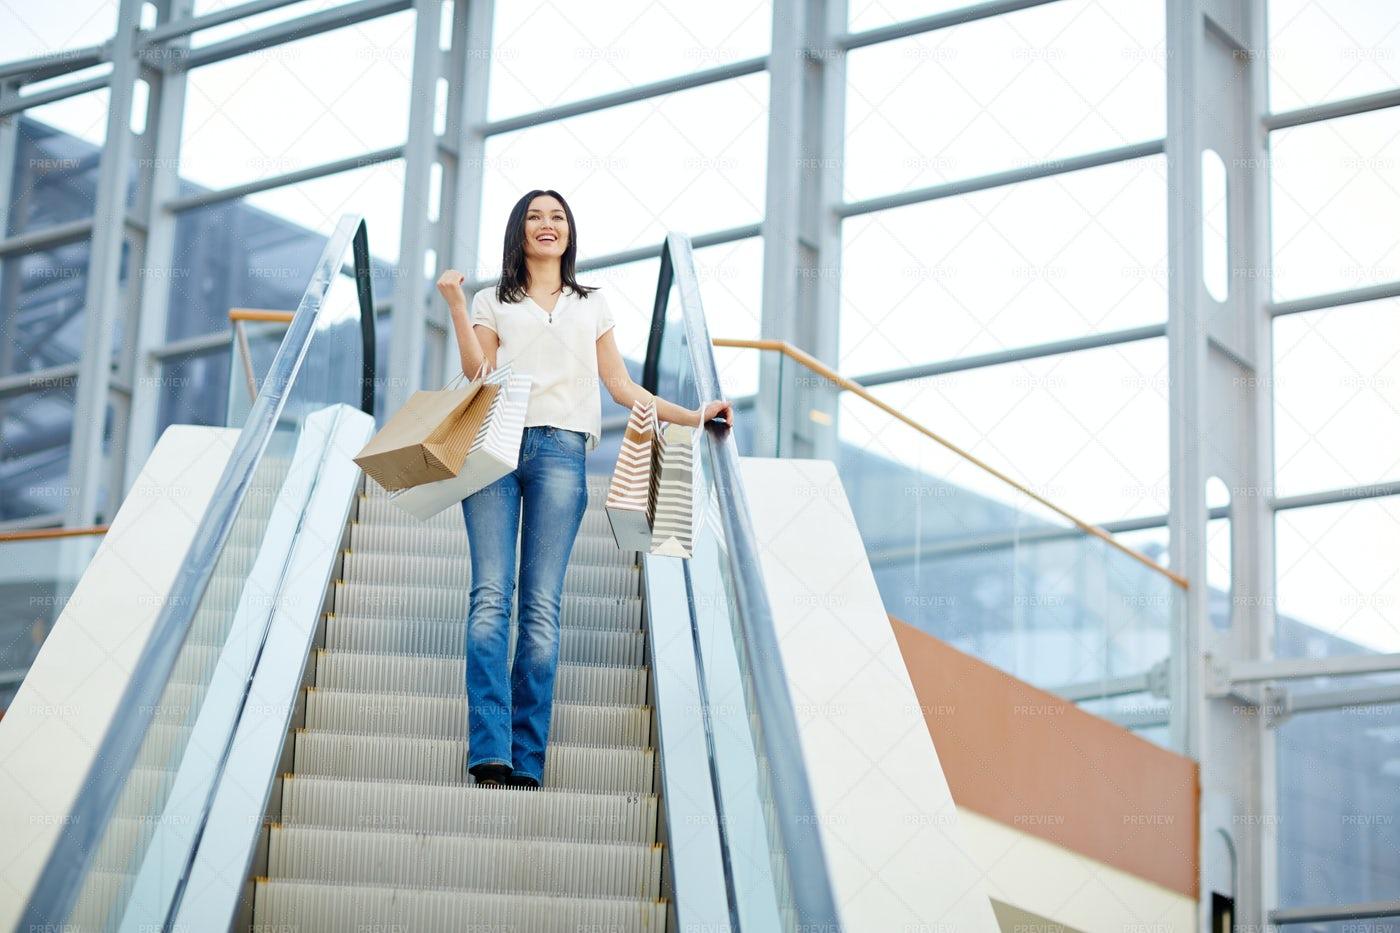 Leisure In Shopping-center: Stock Photos